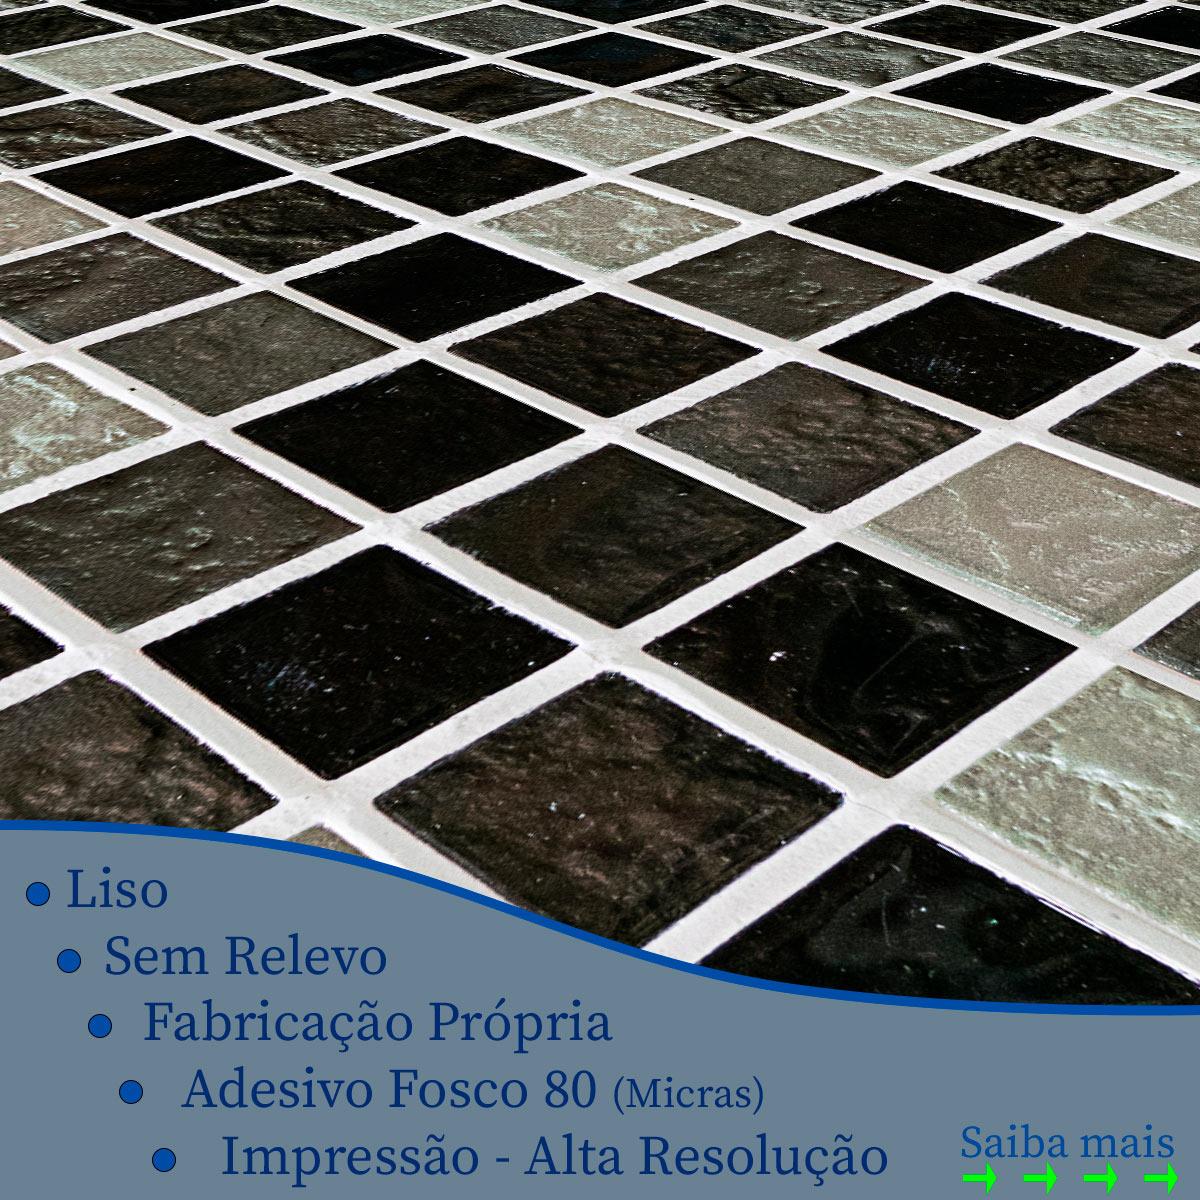 Papel de Parede Pastilhas Aspecto 3D Preto Cinza Adesivo